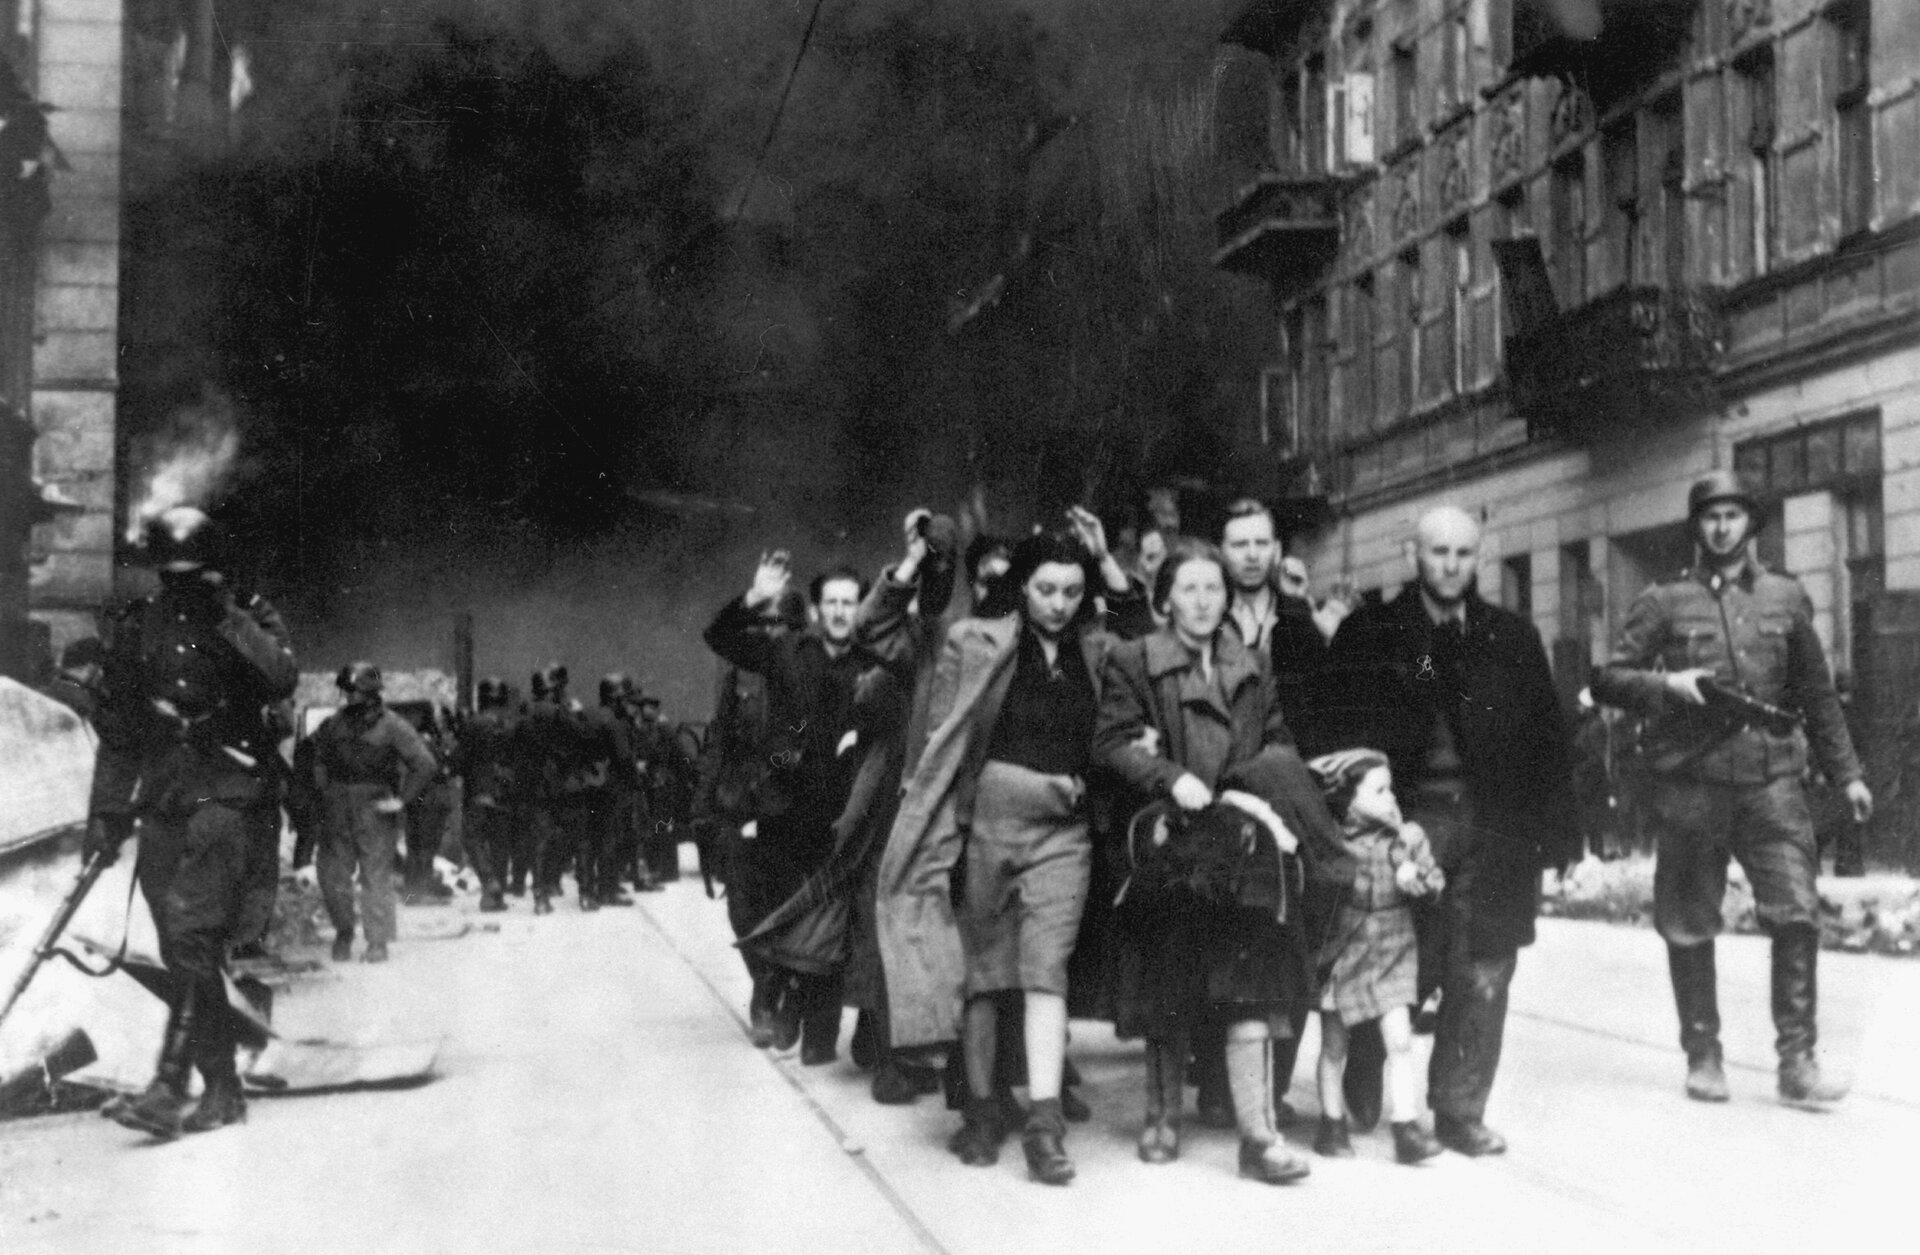 Siłą wydobyci zbunkrów Żydzi prowadzeni na Umschlagplatz Źródło: Autor nieznany, Siłą wydobyci zbunkrów, 1943, domena publiczna.